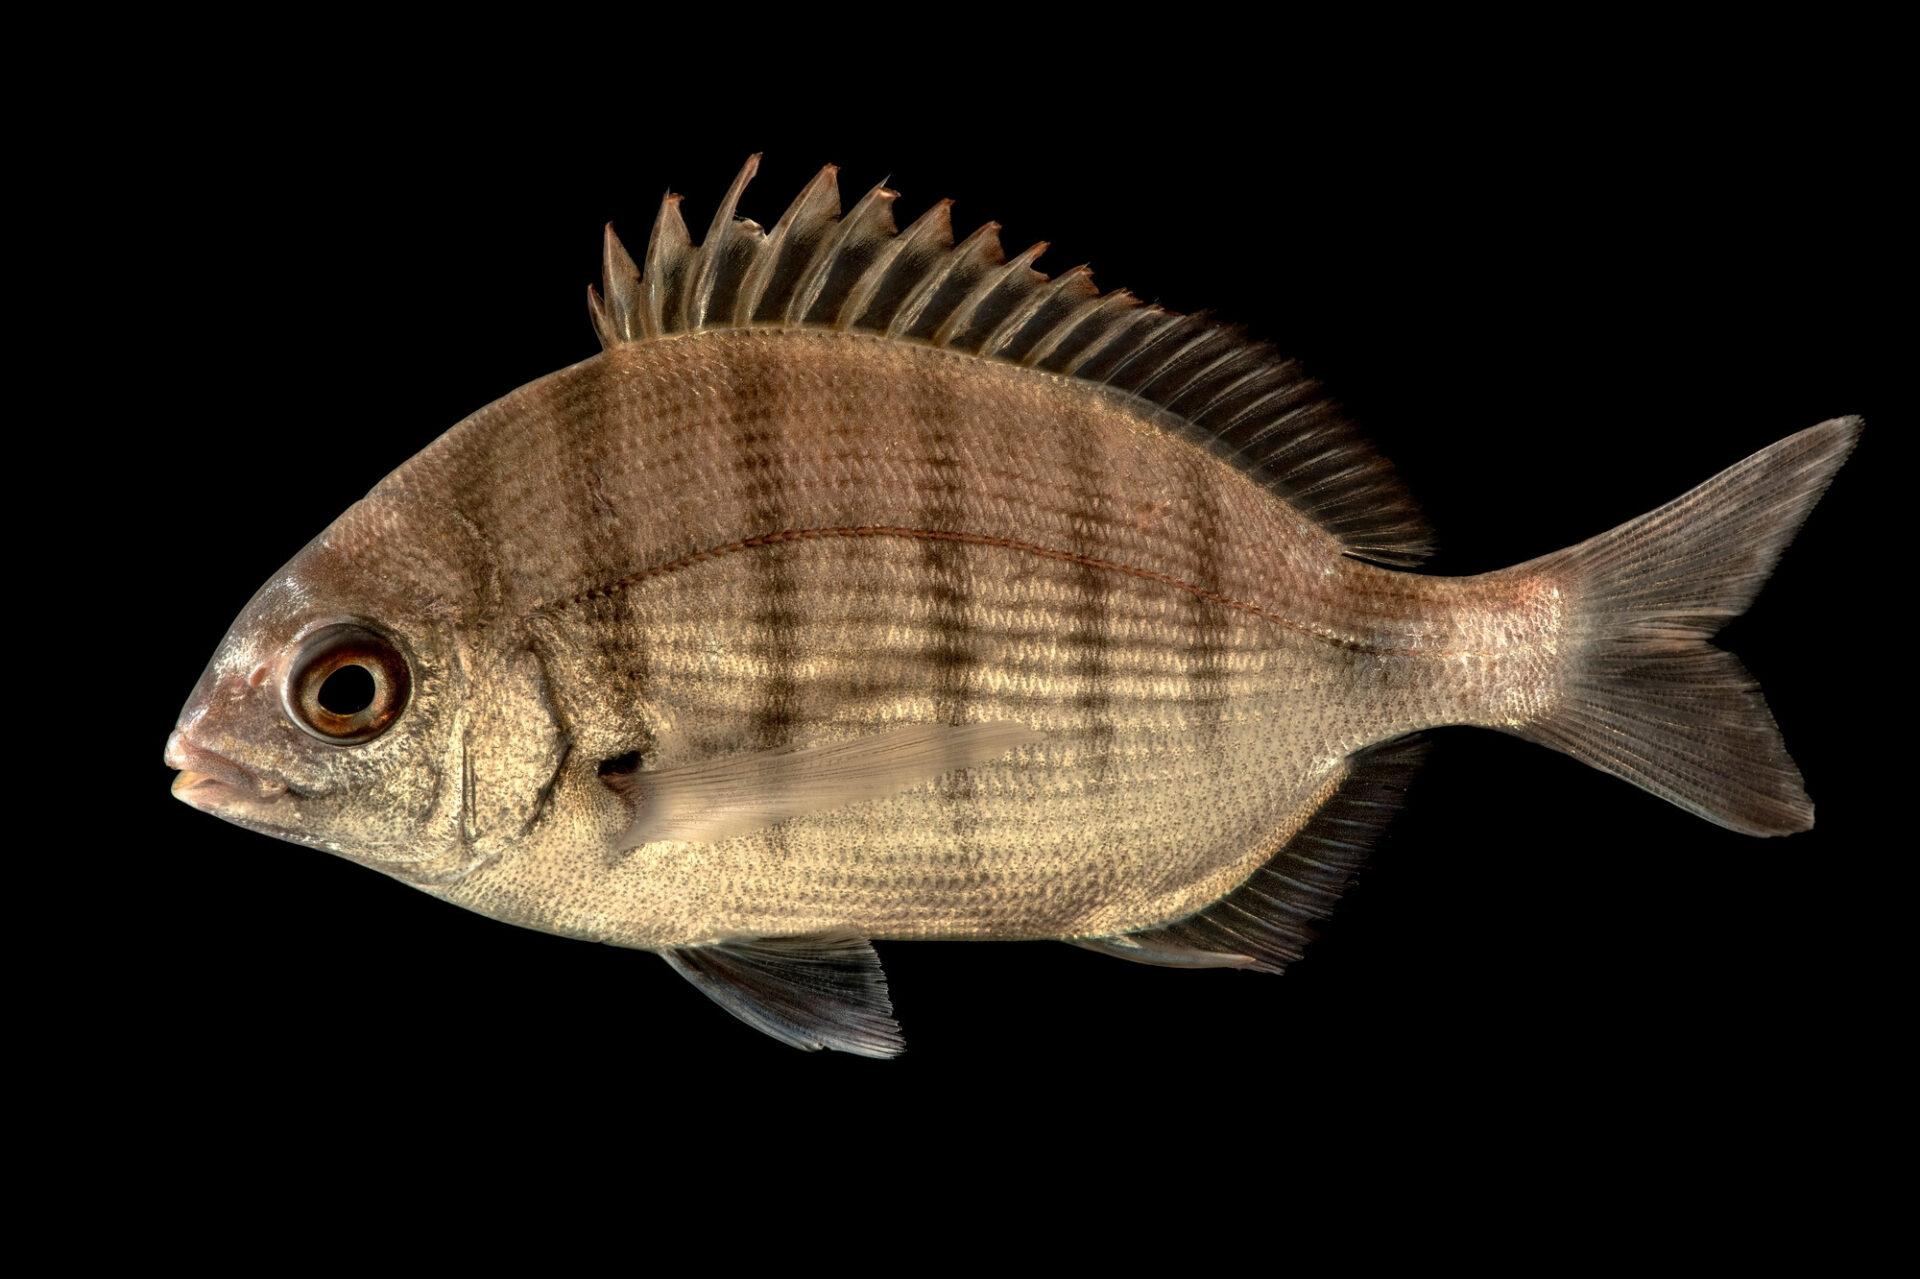 Photo: Sargo or white seabream, Diplodus sargus, at the Vasco da Gama Aquarium.